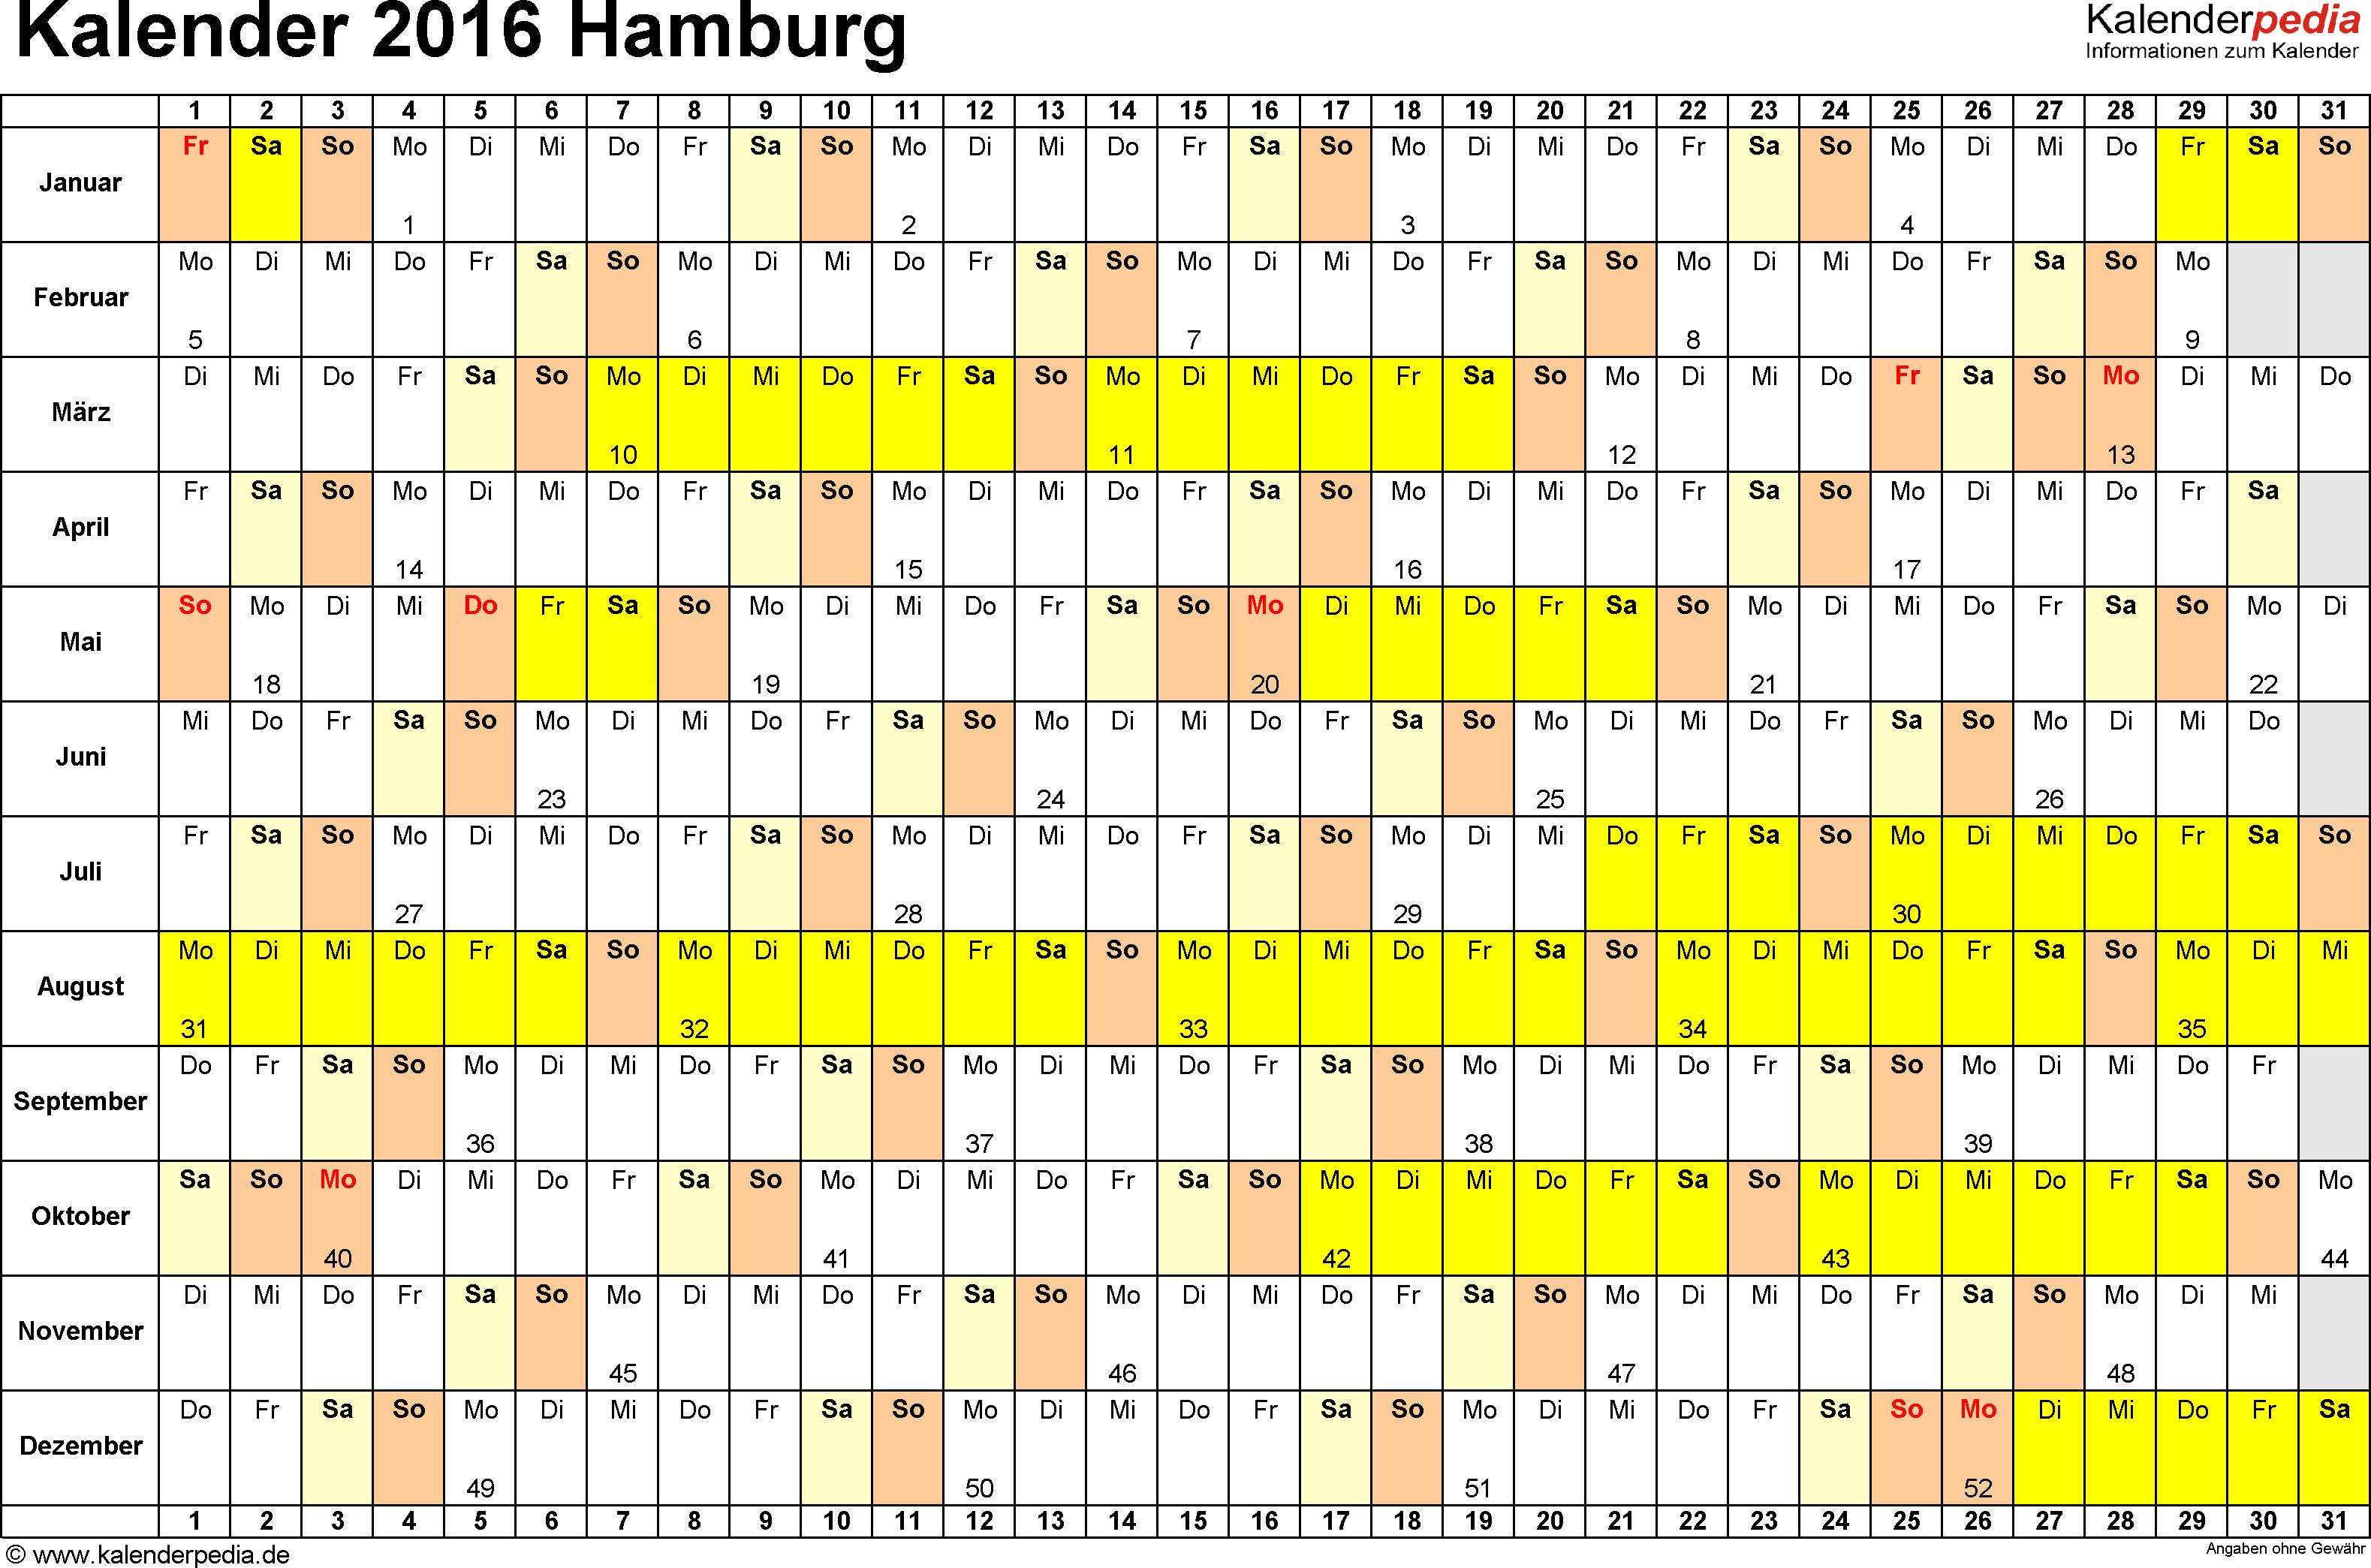 Vorlage 2: Kalender Hamburg 2016 im Querformat, Tage nebeneinander